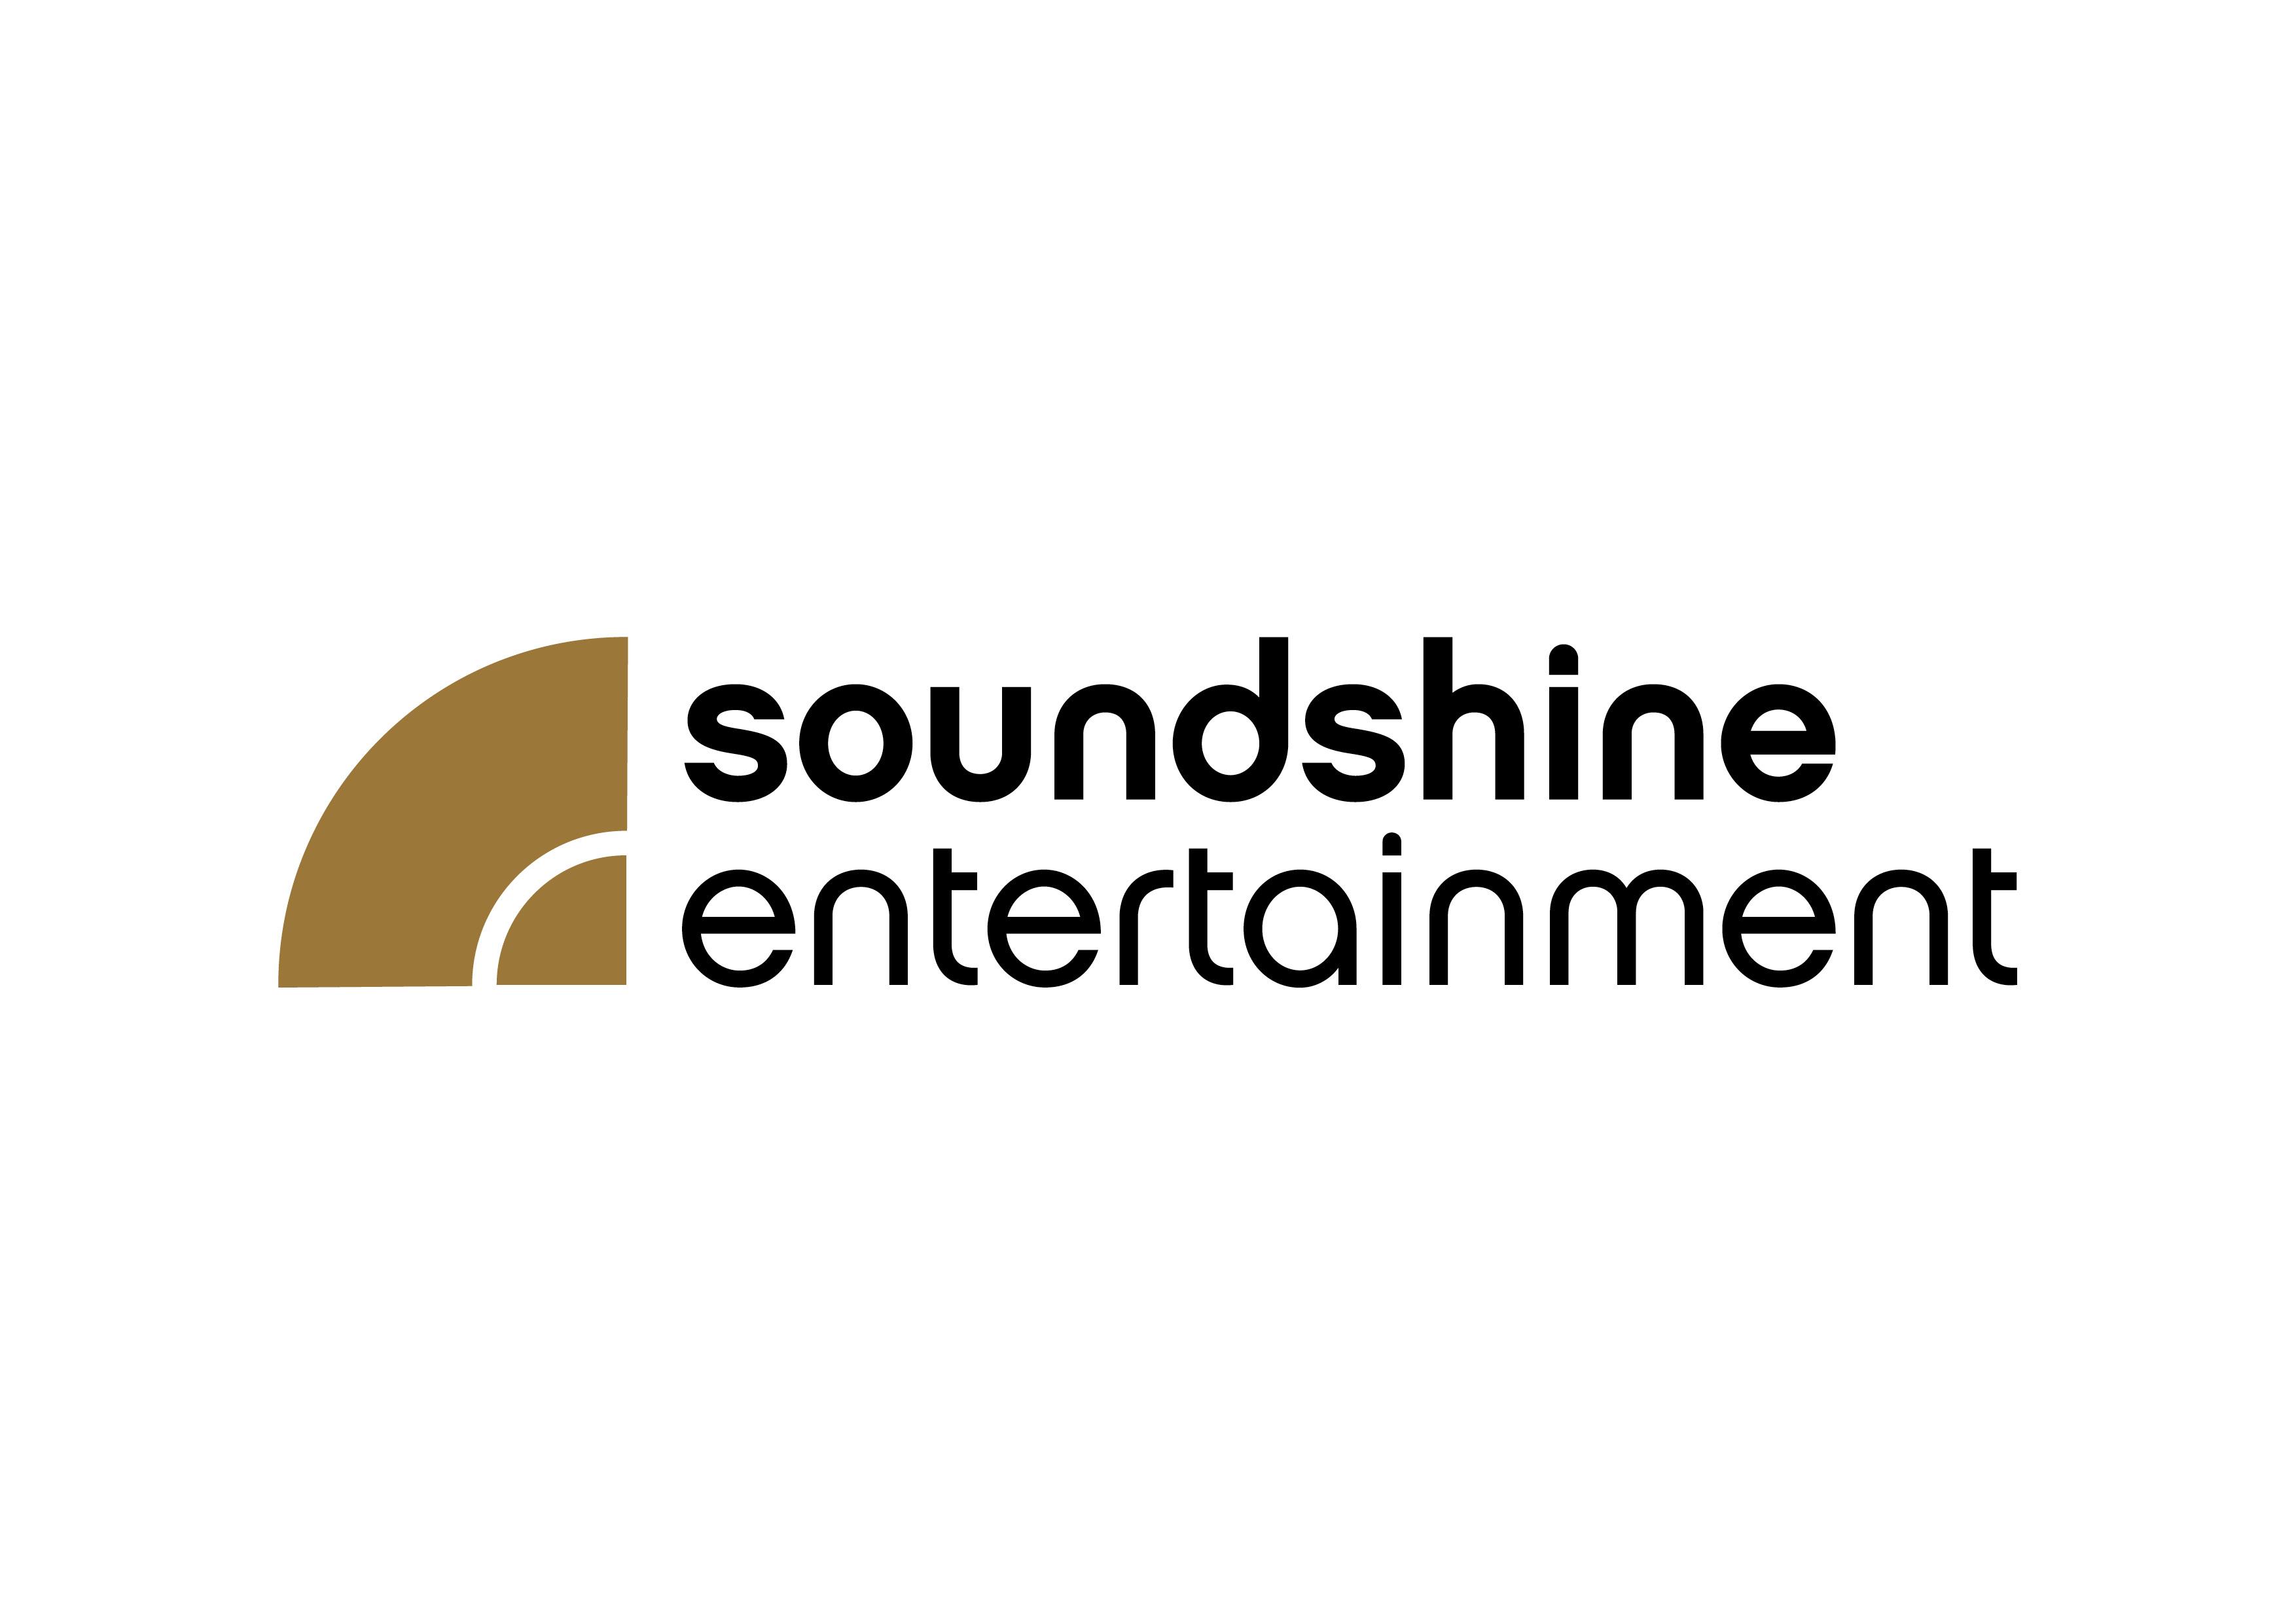 soundshine entertainment - Partner von MesseFair GmbH